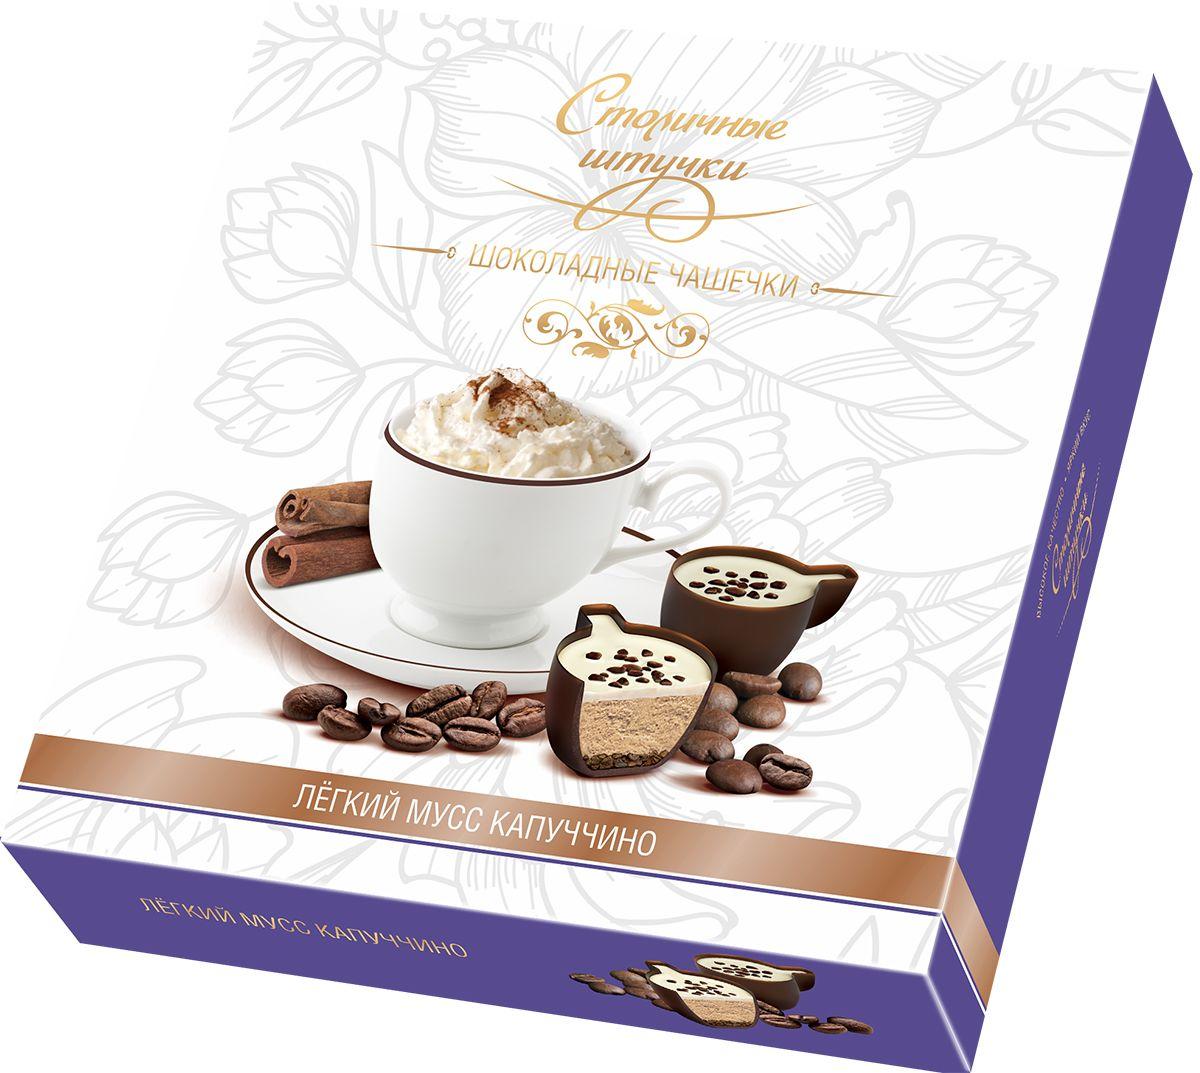 Столичные штучки Конфеты шоколадные Мусс капучино, 104 г пудовъ кексики шоколадные 250 г